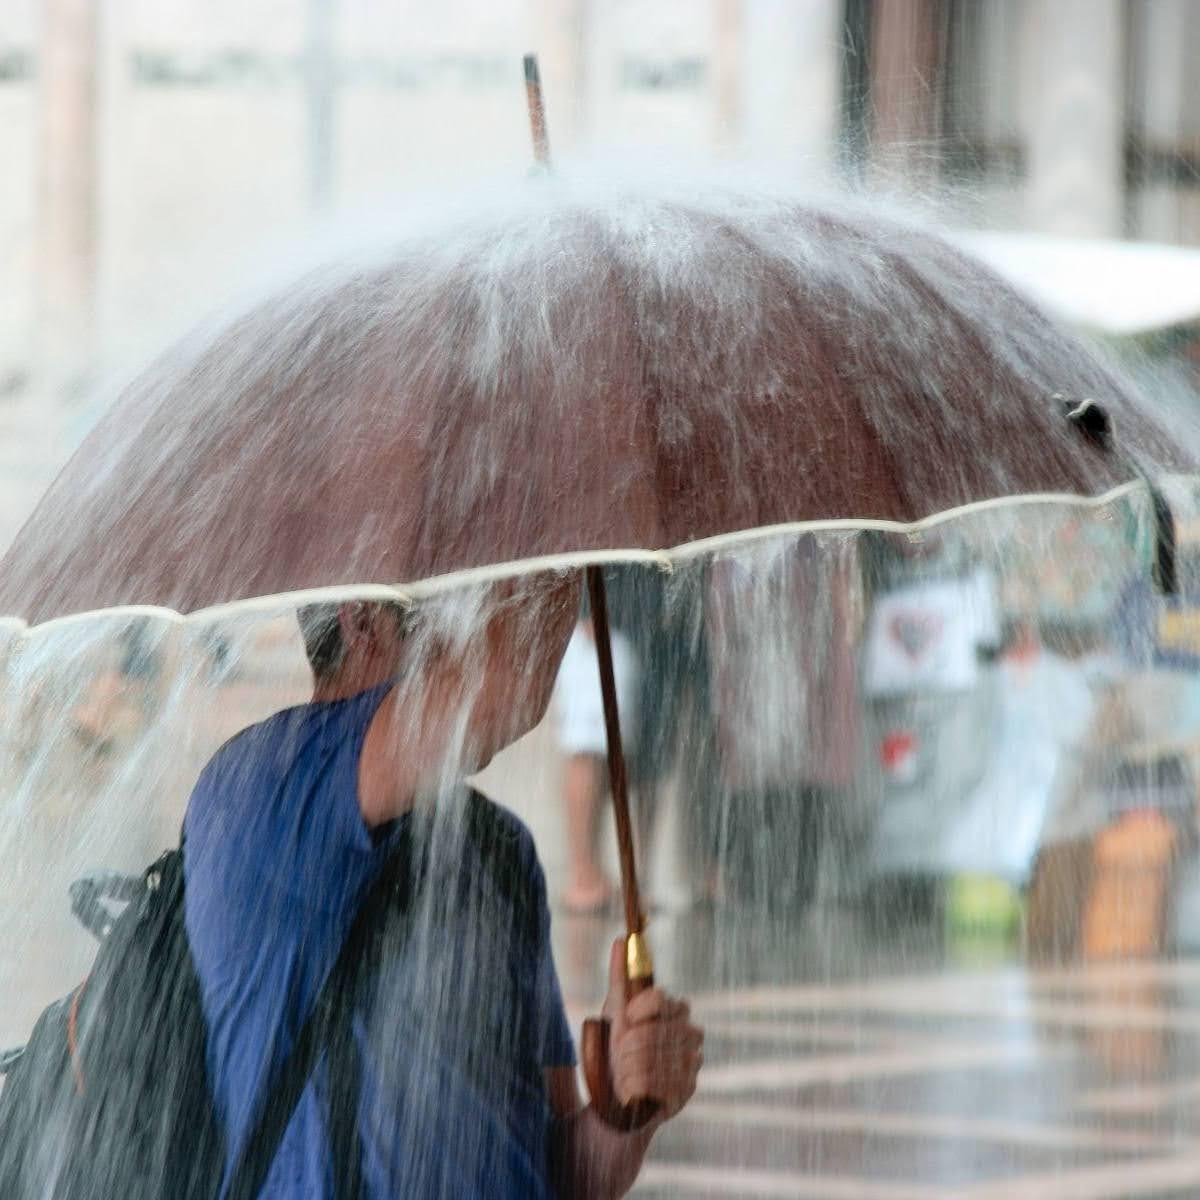 中央氣象局大雨特報}有局部大雨發生的機率|請注意雷擊及強陣風